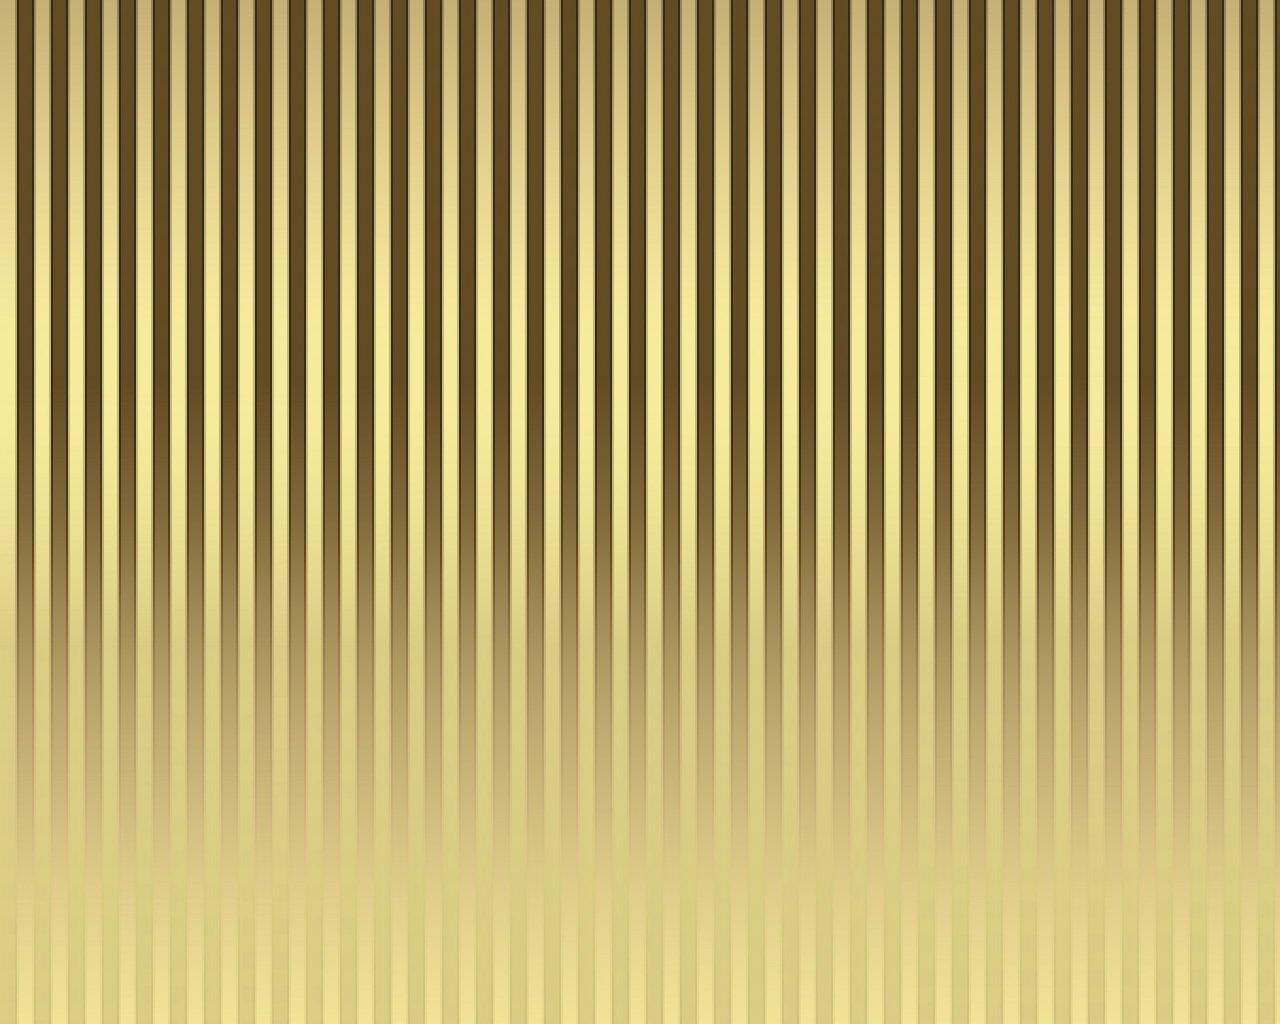 Sh Yn Design Stripe Wallpaper Gold Stripe 1280x1024